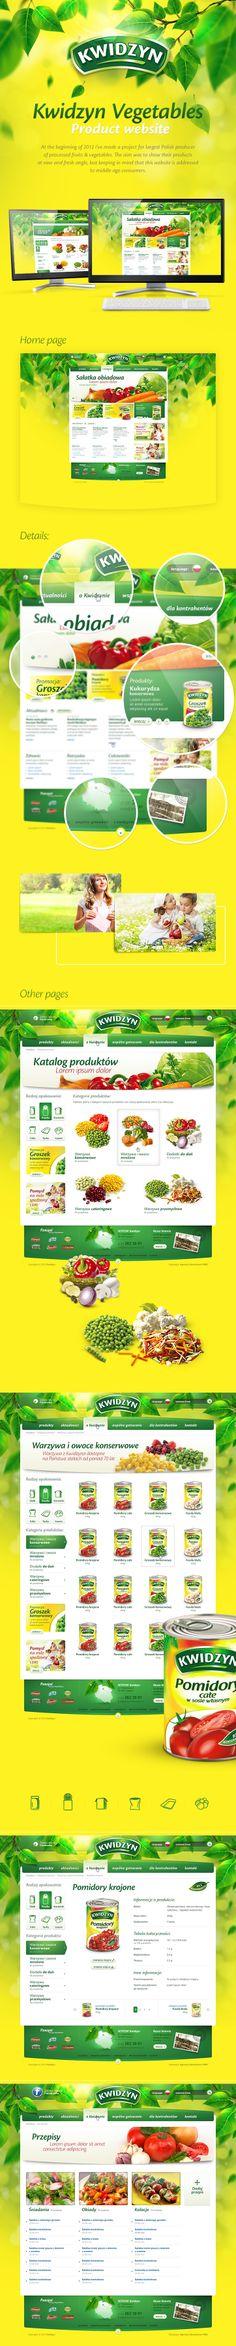 Warzywa Kwidzyn by Peronczyk.com & WMC Agency via Behance